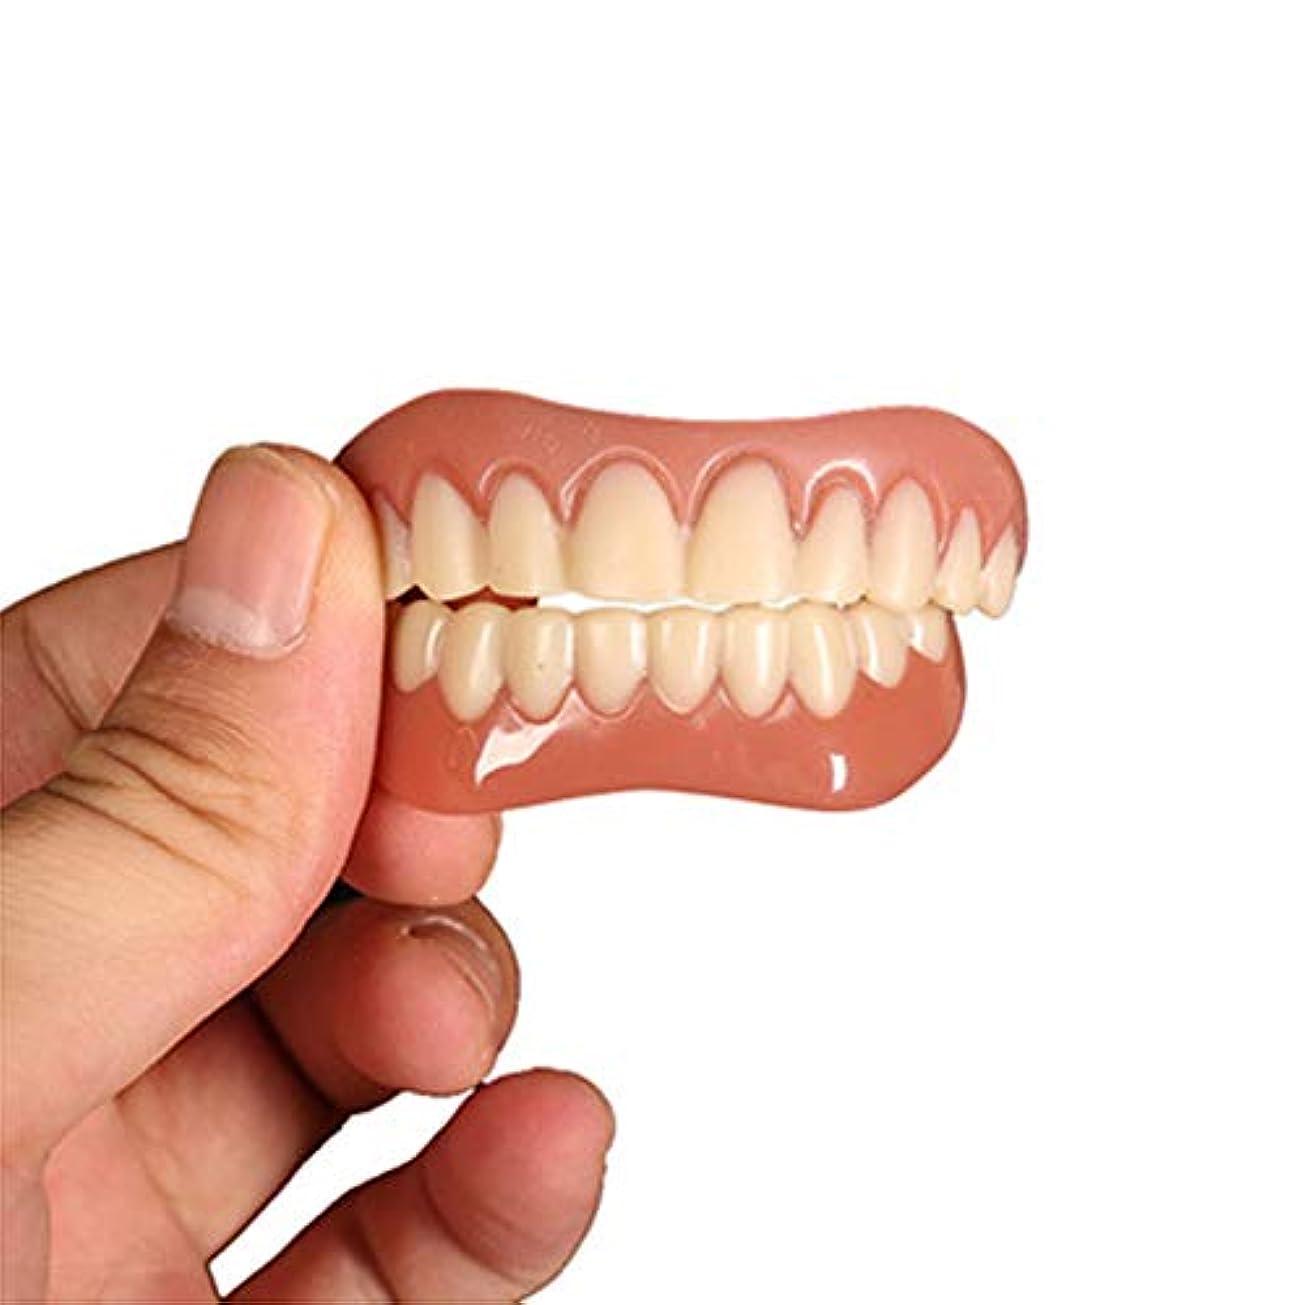 住居投資記念品8セット、化粧品の歯、白い歯をきれいにするための快適さにフィットするフレックス歯のソケット、化粧品の歯義歯の歯のトップ化粧品、